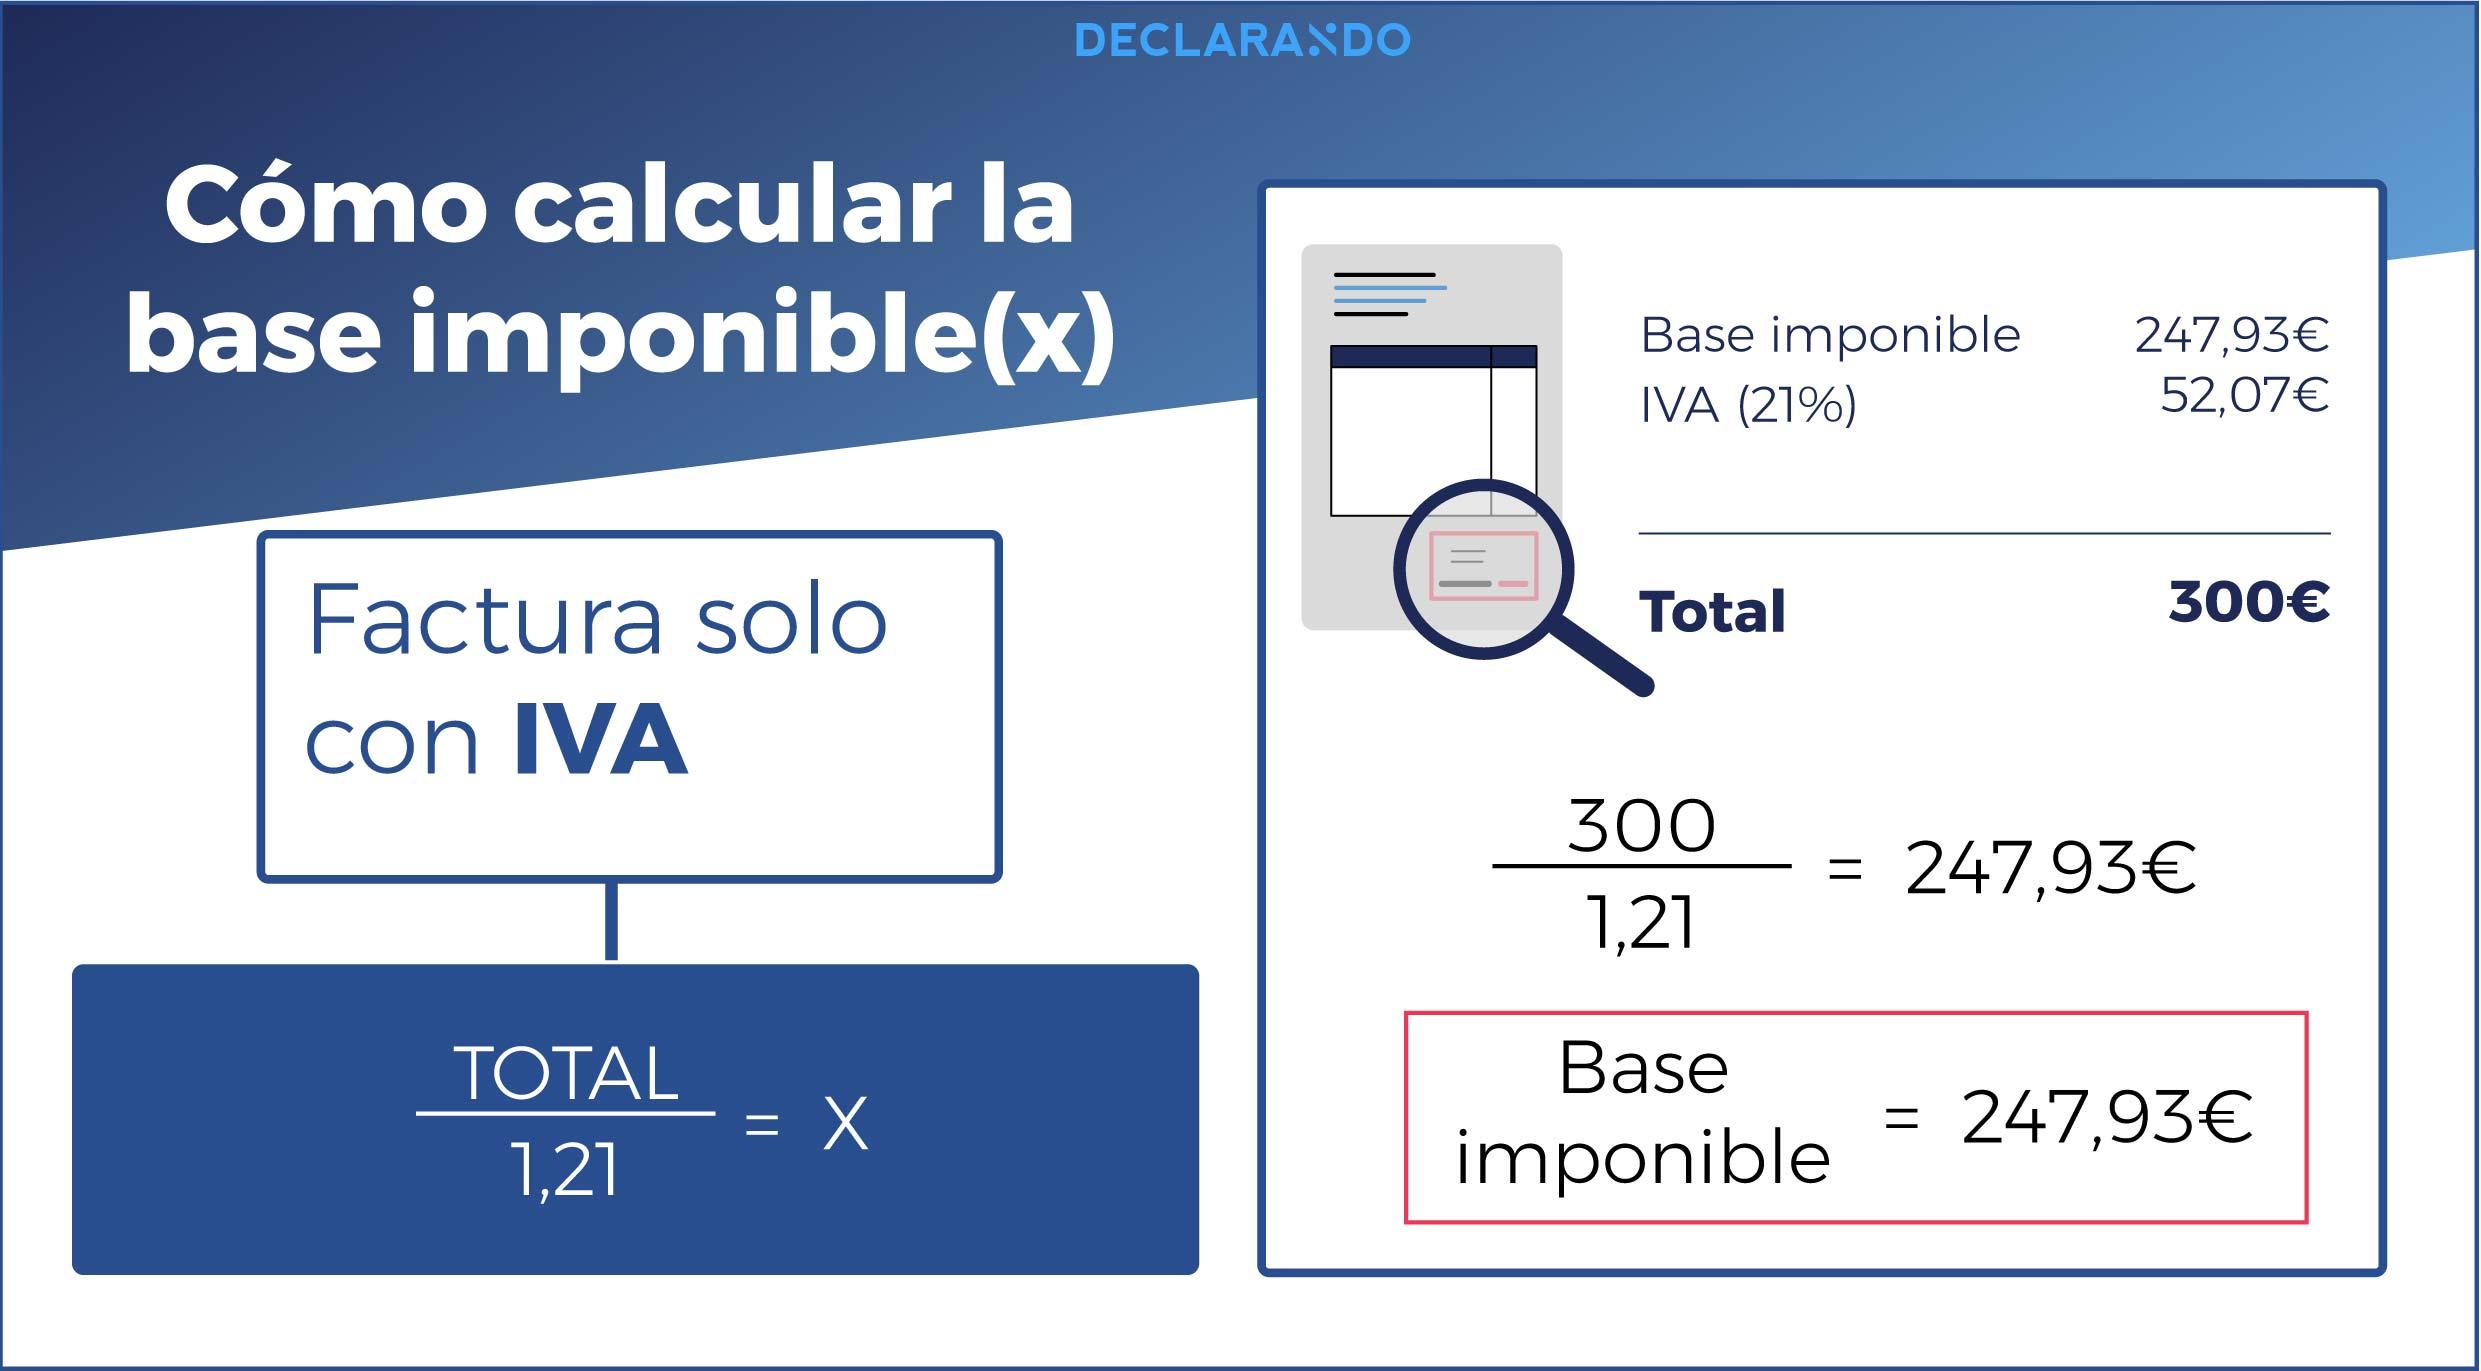 Cómo calcular la base imponible de una factura con IVA a partir de un importe neto